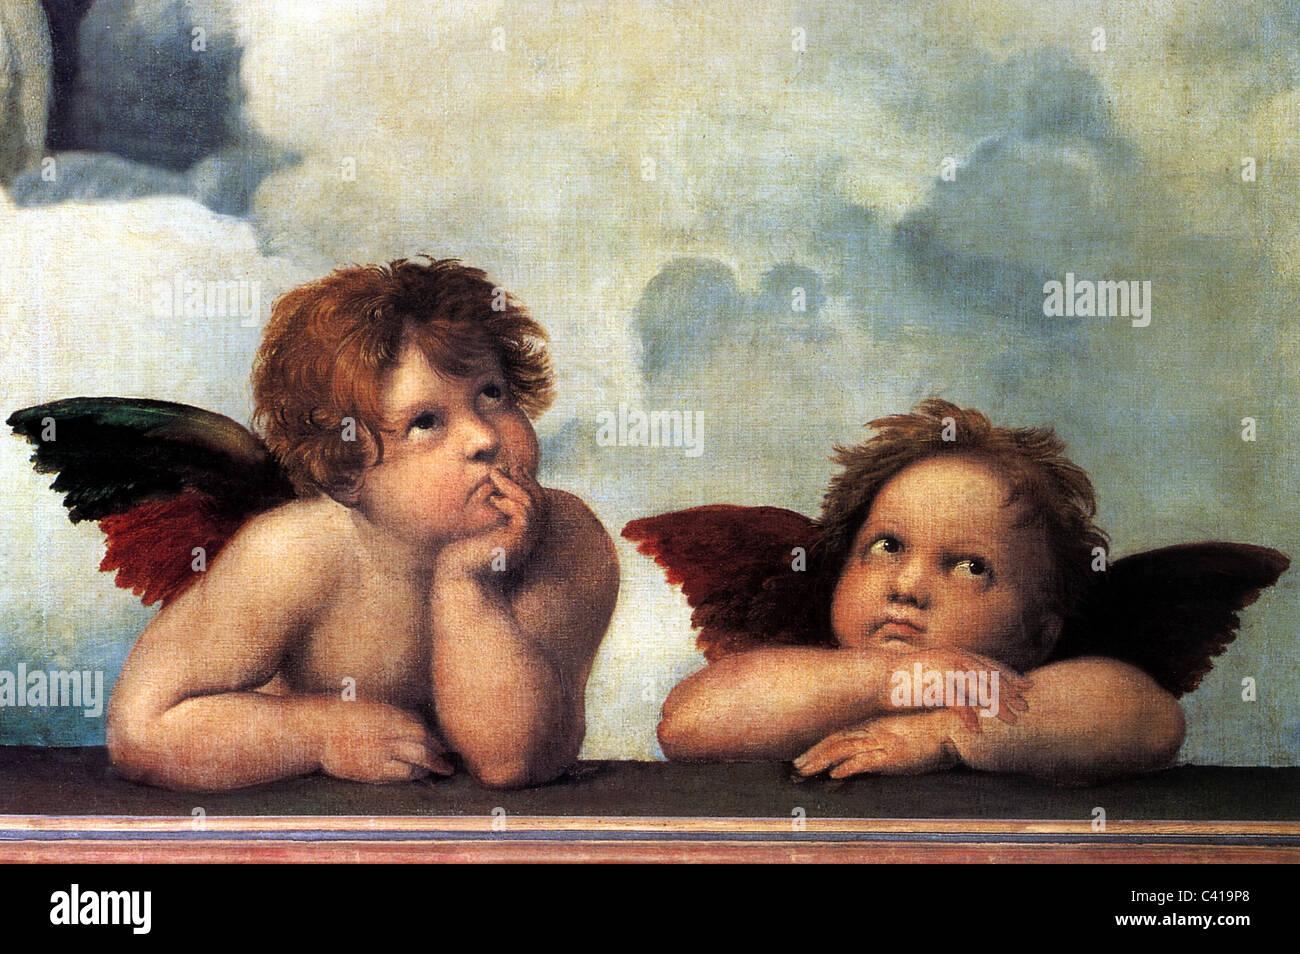 Bellas artes, Rafael, Santi: 'Los Ángeles de la Virgen Sistina', detalle de la pintura 'Virgen Estina', 1512/1513, Foto de stock